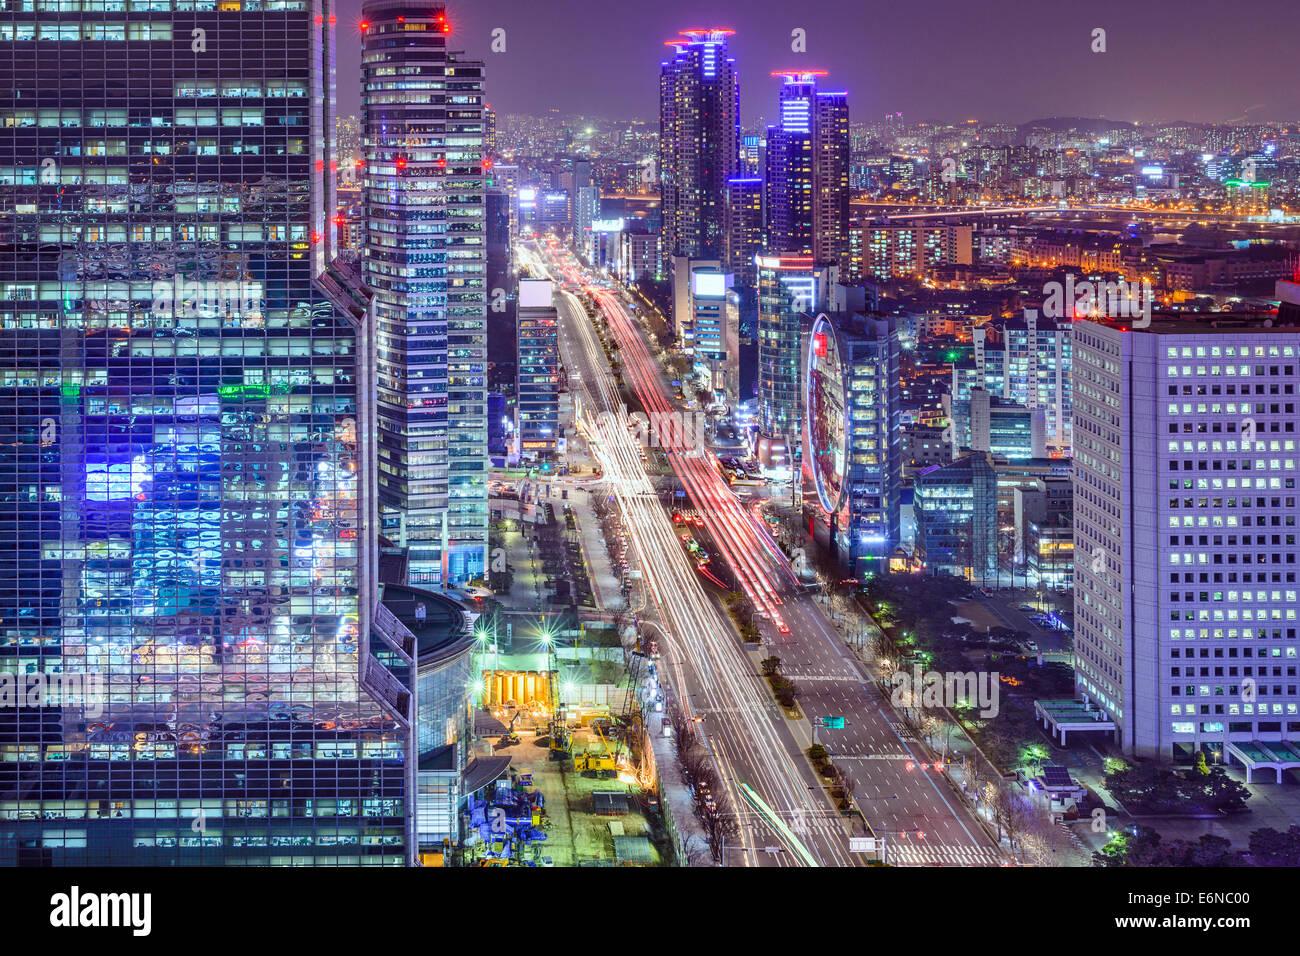 Seúl, Corea del Sur, en el distrito de Teheranno paisaje nocturno. Imagen De Stock